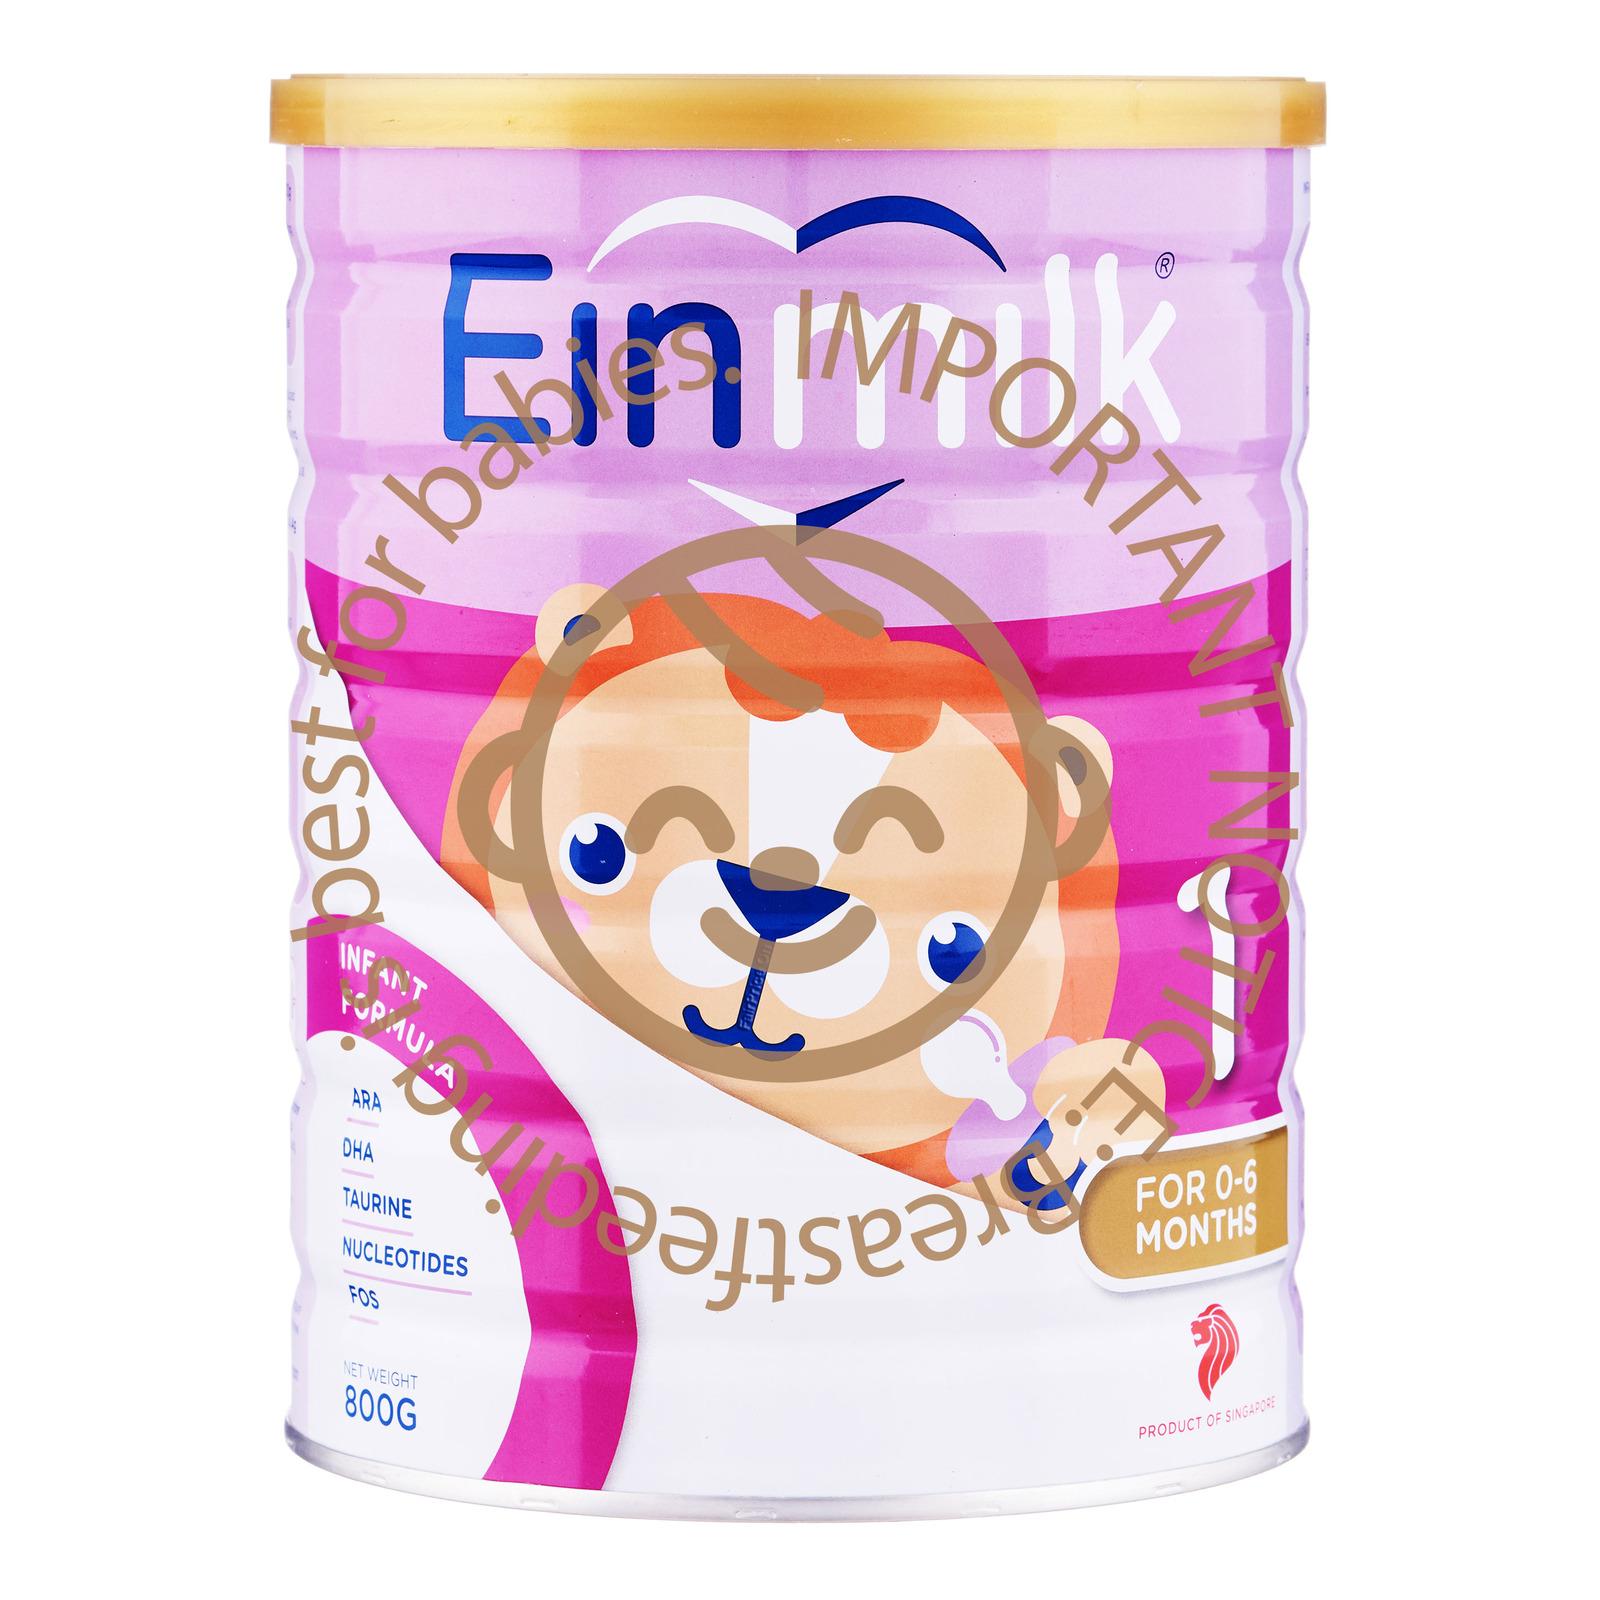 Einmilk Infant Milk Formula - Stage 1